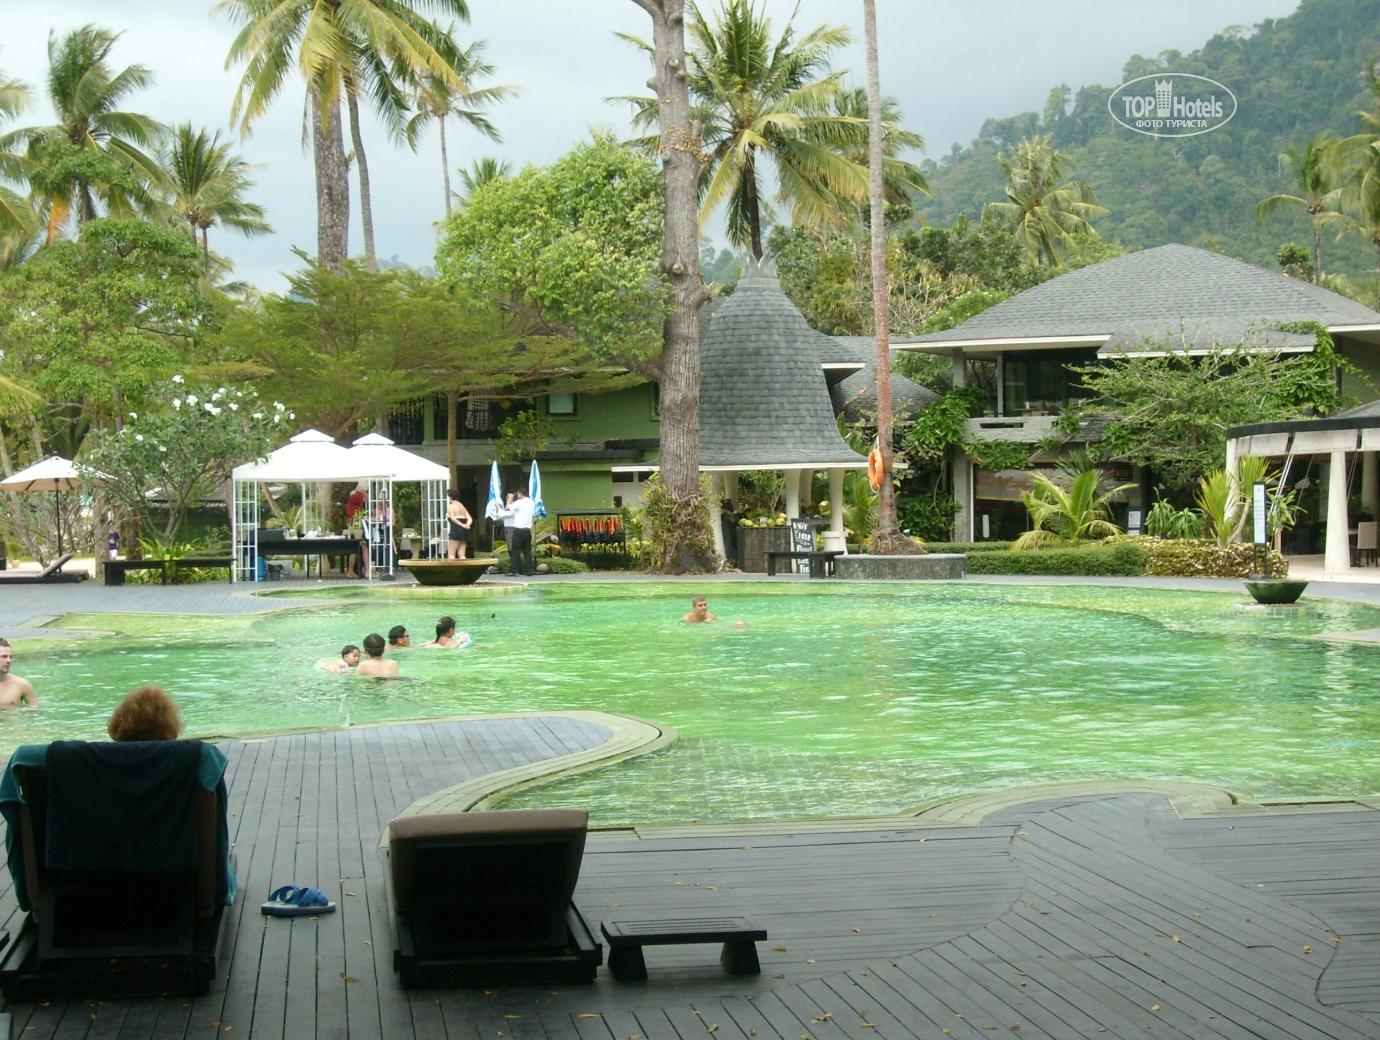 отель меркурий остров чанг фото страна производит около